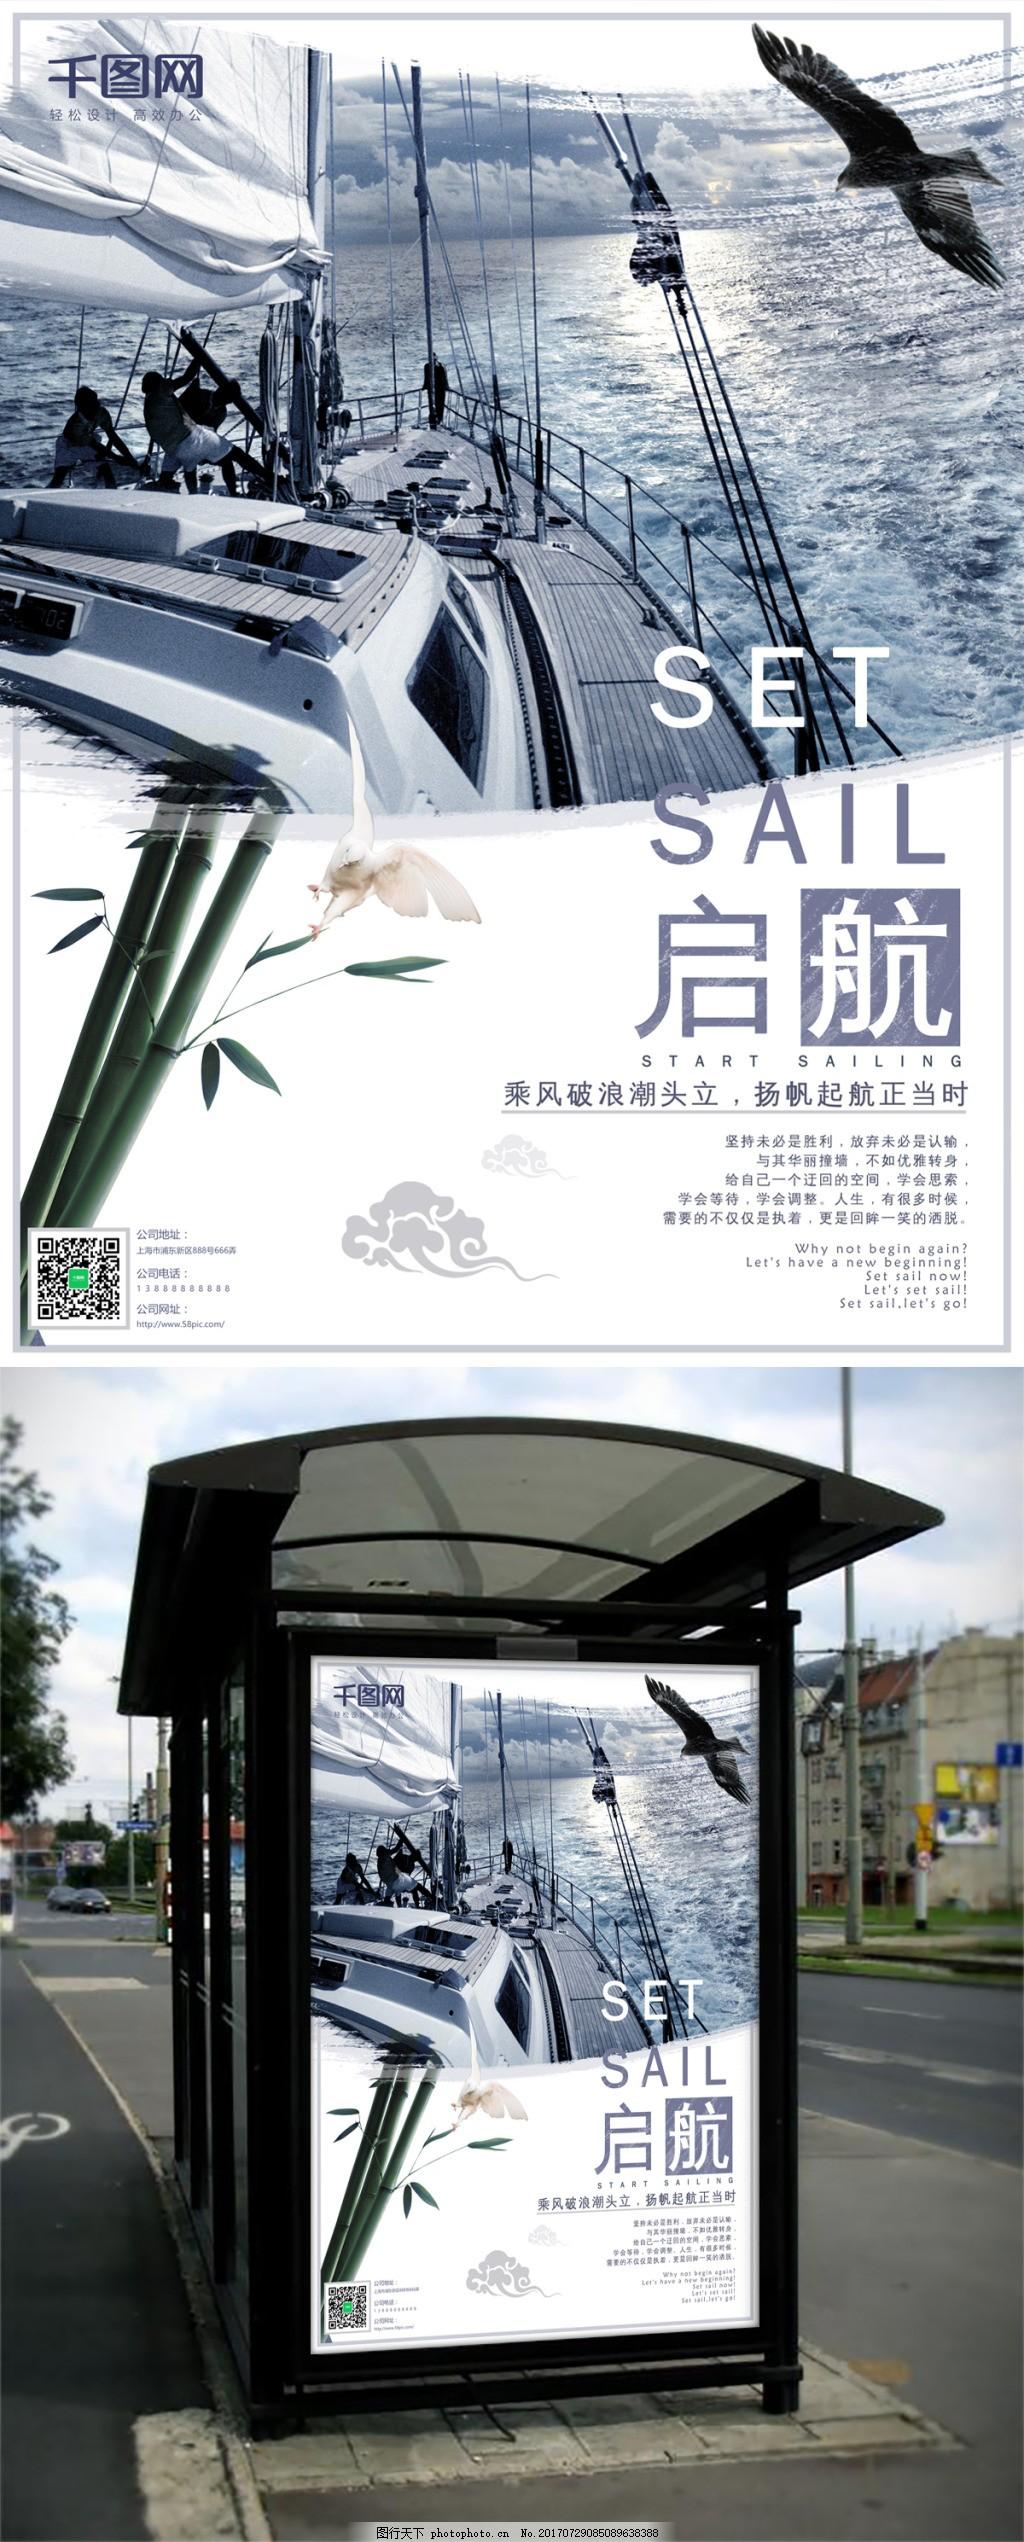 扬帆起航企业文化海报 企业海报 文化墙 文化宣传 企业精神 宣传海报